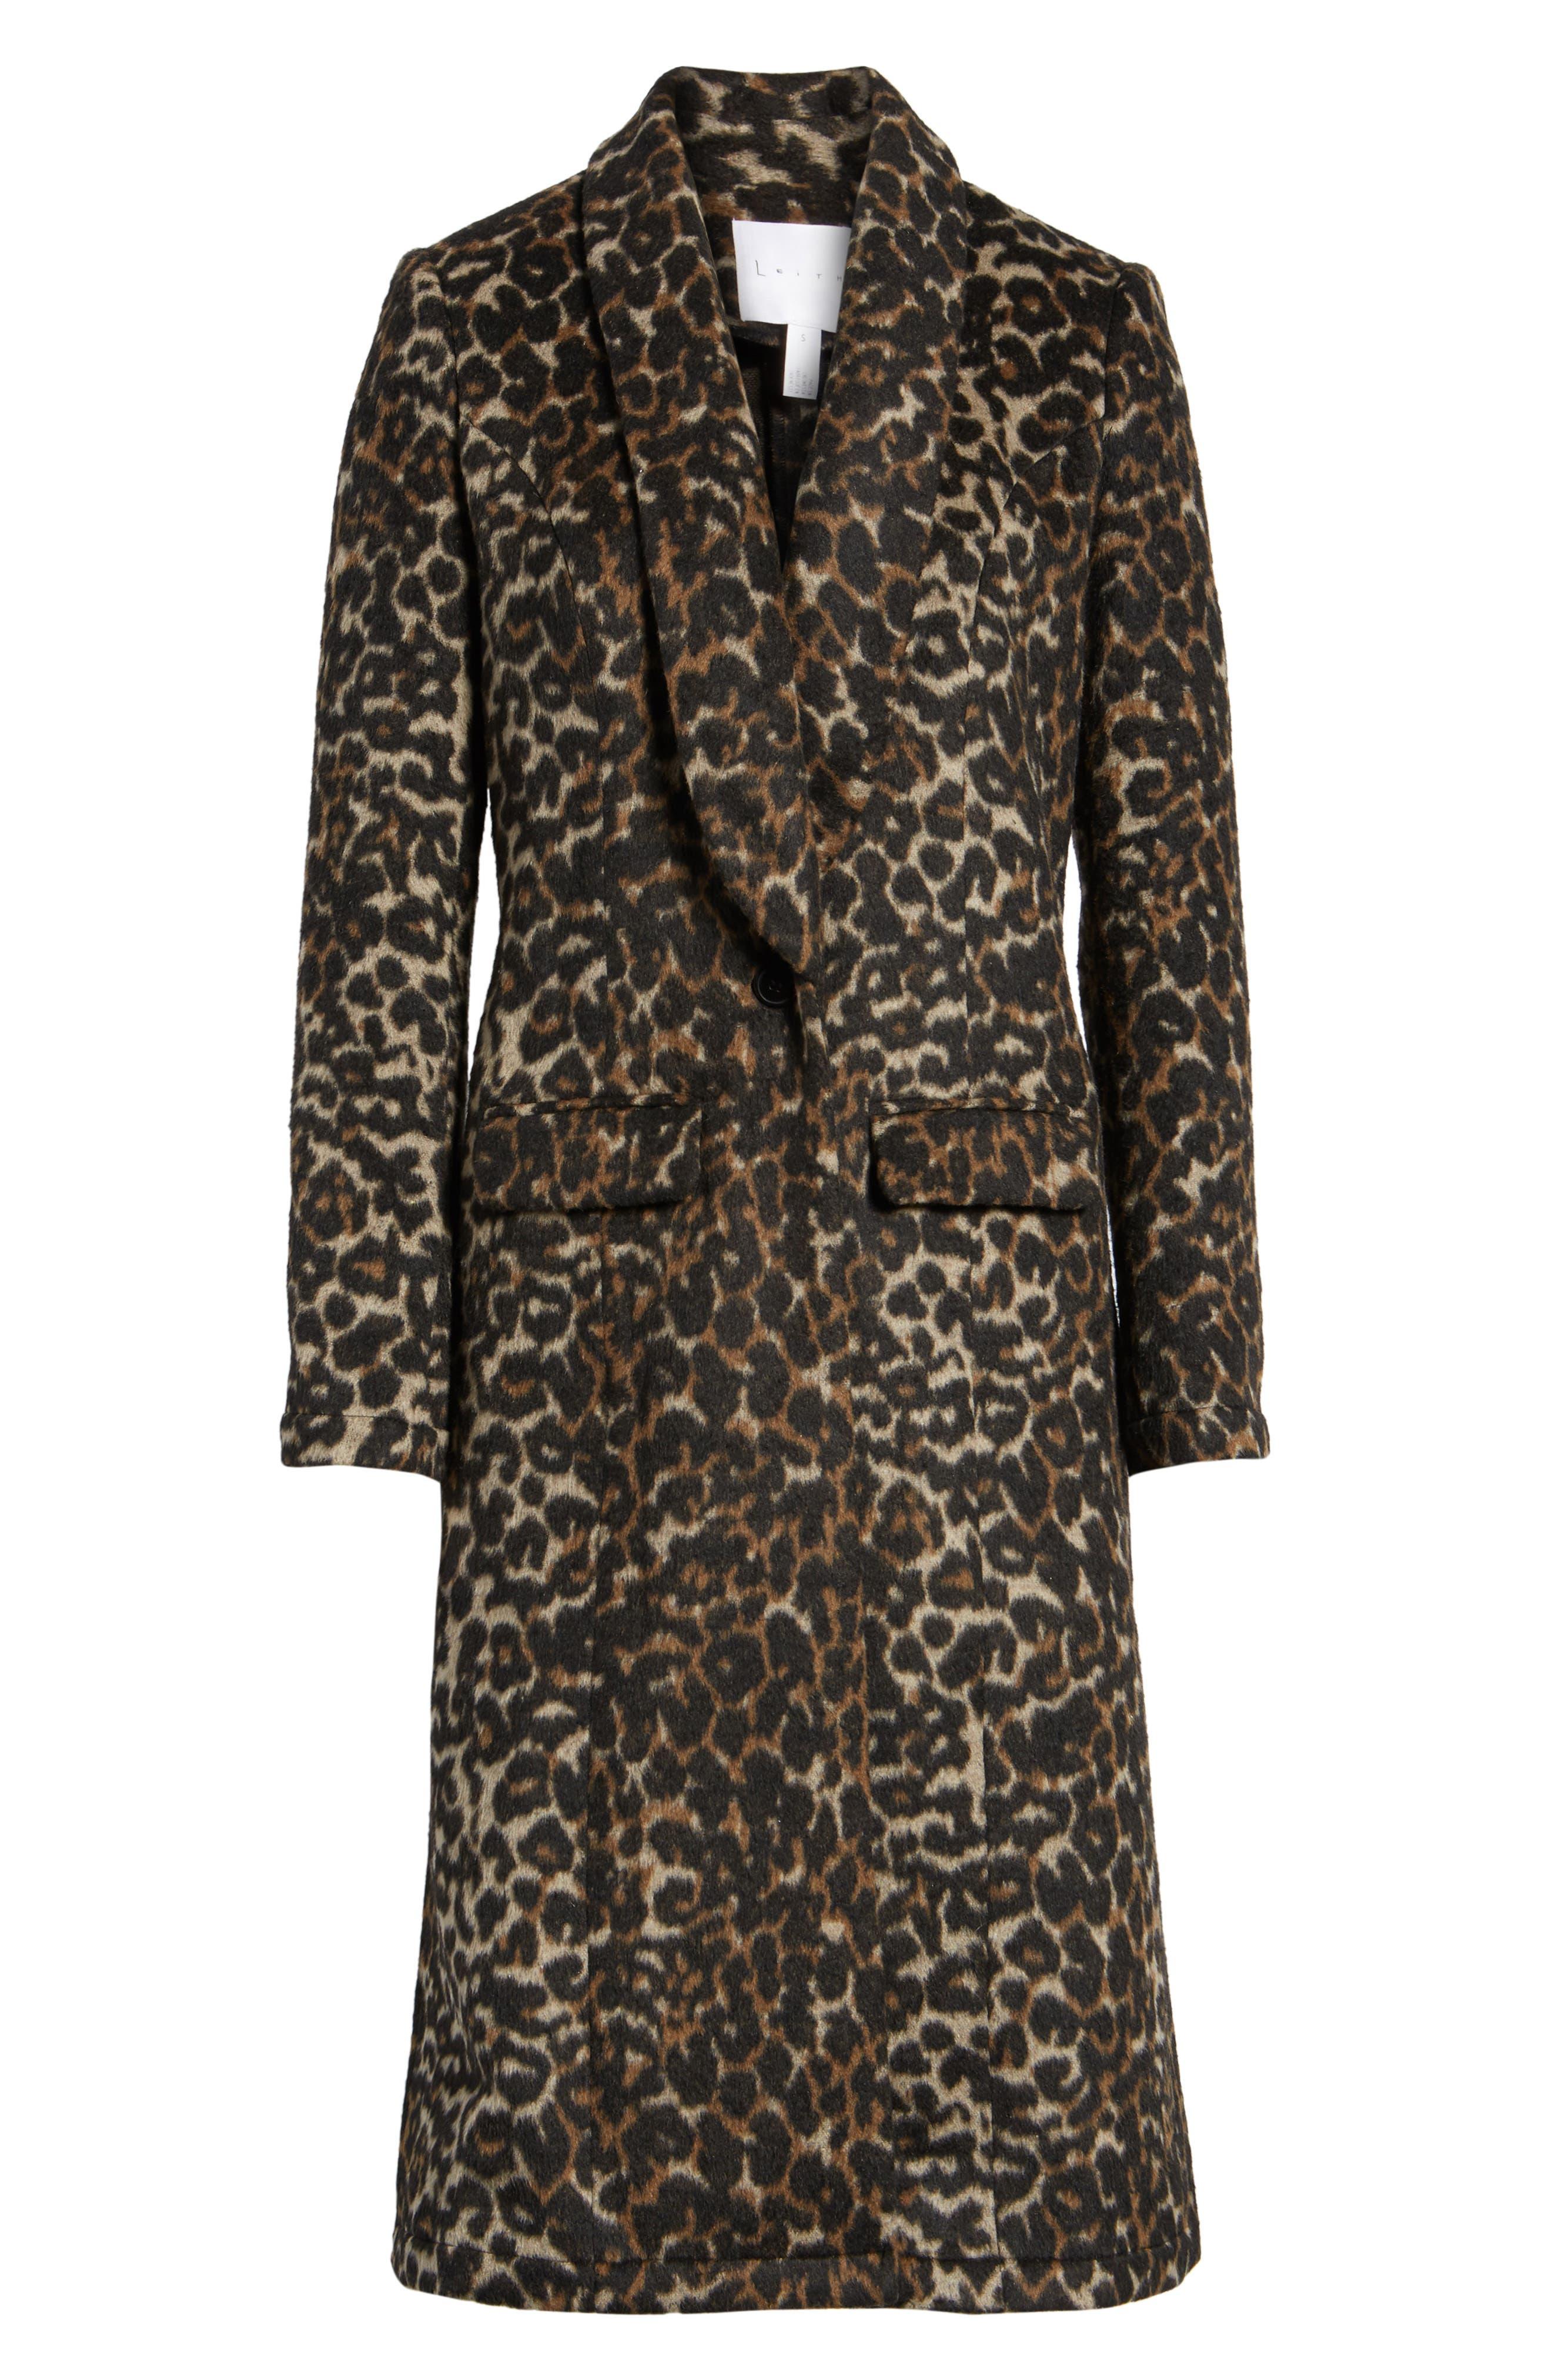 Longline Leopard Print Coat,                             Alternate thumbnail 6, color,                             Black Leopard